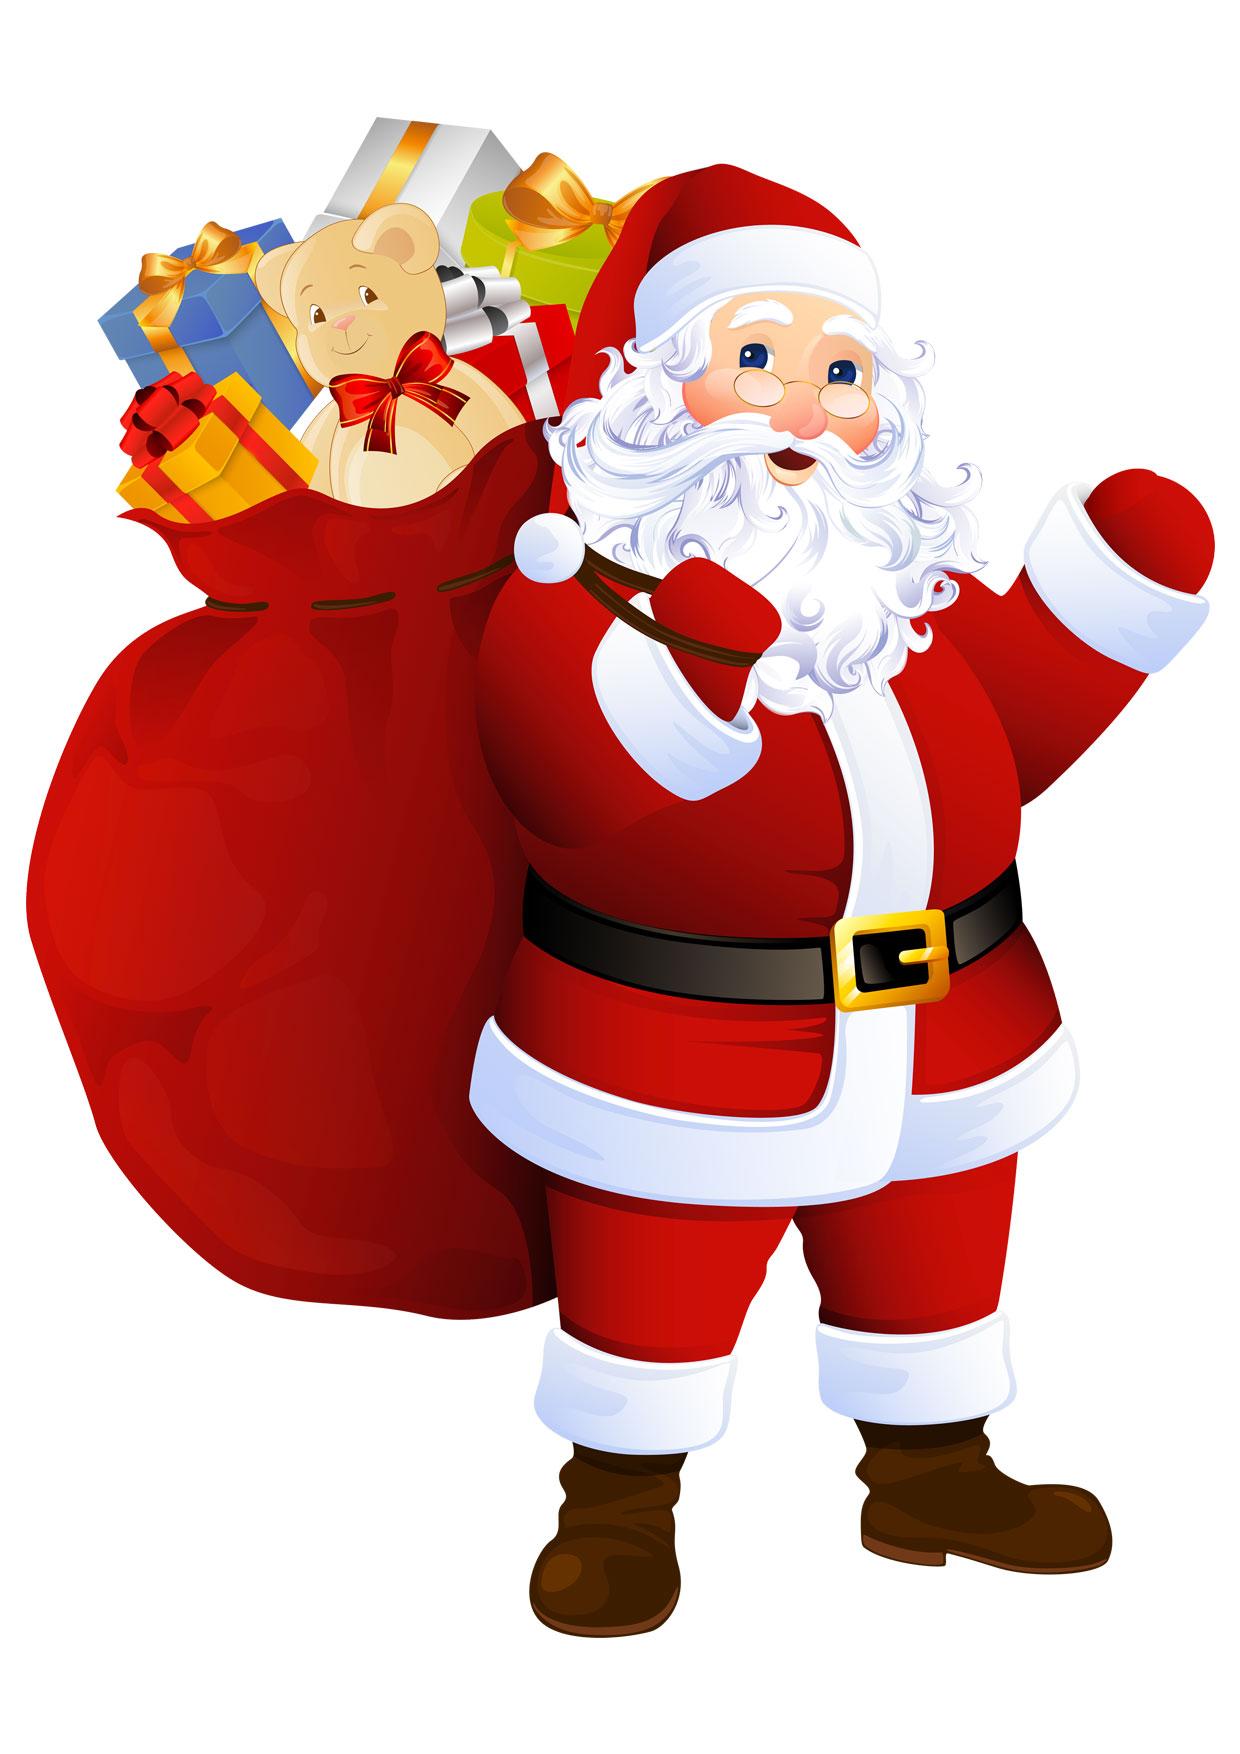 30 Disegni Di Babbo Natale Già Colorati Da Stampare Pianetabambiniit